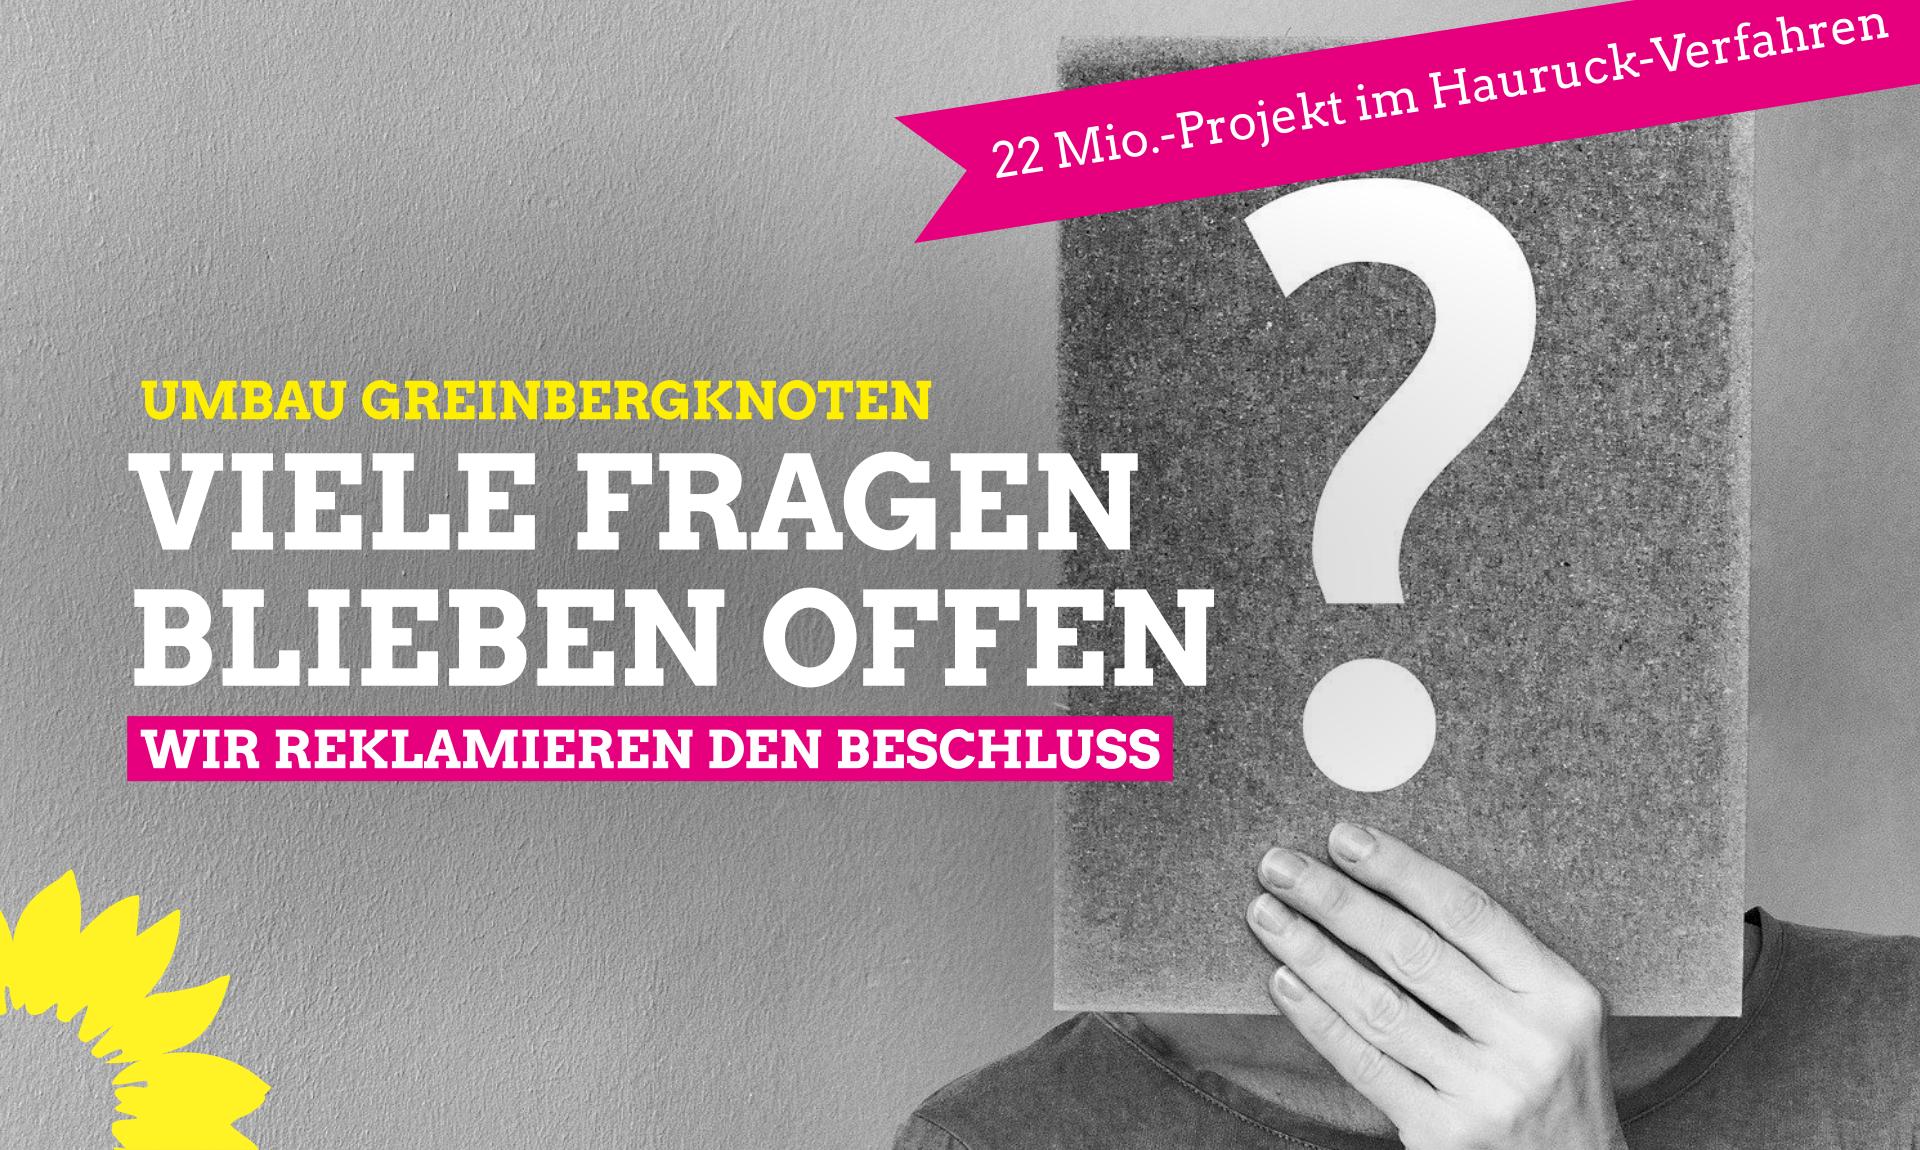 22 MIo-Projekt im Hauruck-Verfahren: Umbau Greinbergknoten. Viele Fragen blieben offen. Wir reklamieren den Beschluss.